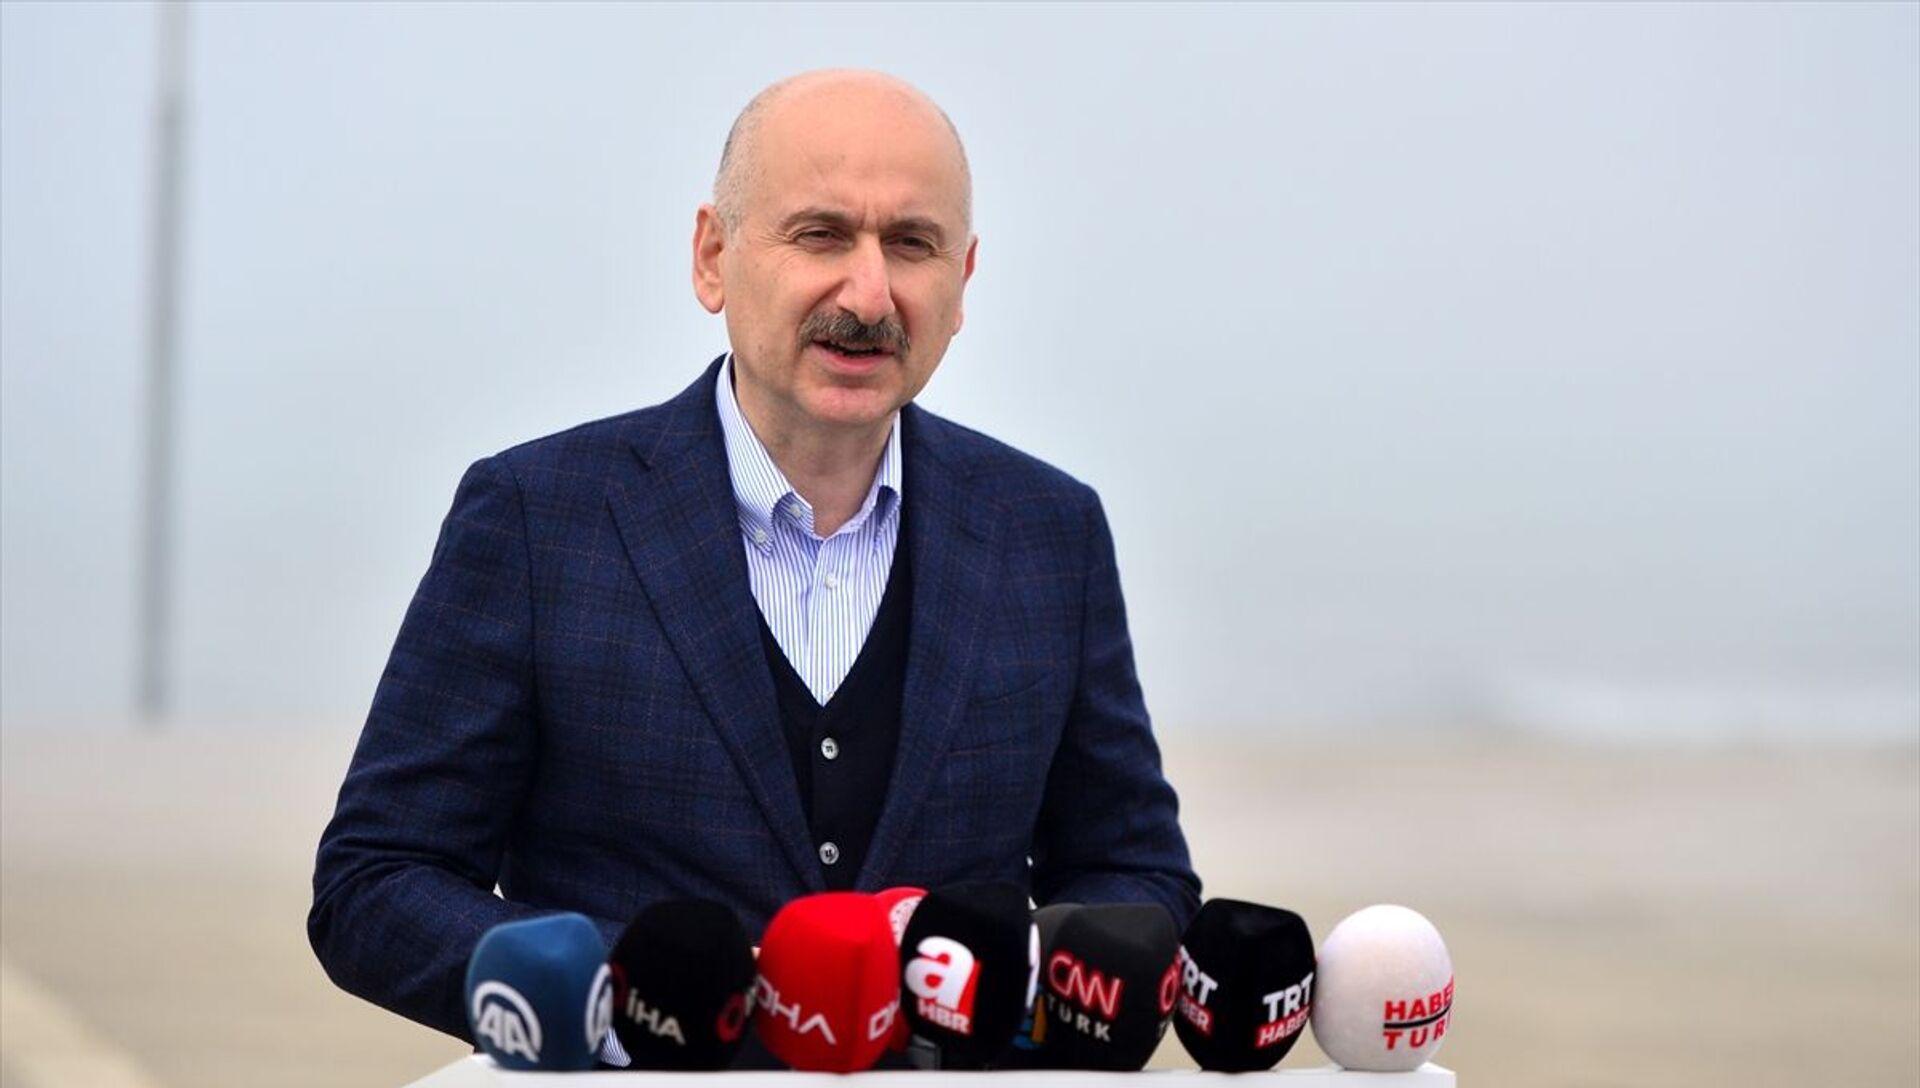 Ulaştırma ve Altyapı Bakanı Adil Karaismailoğlu  - Sputnik Türkiye, 1920, 29.04.2021